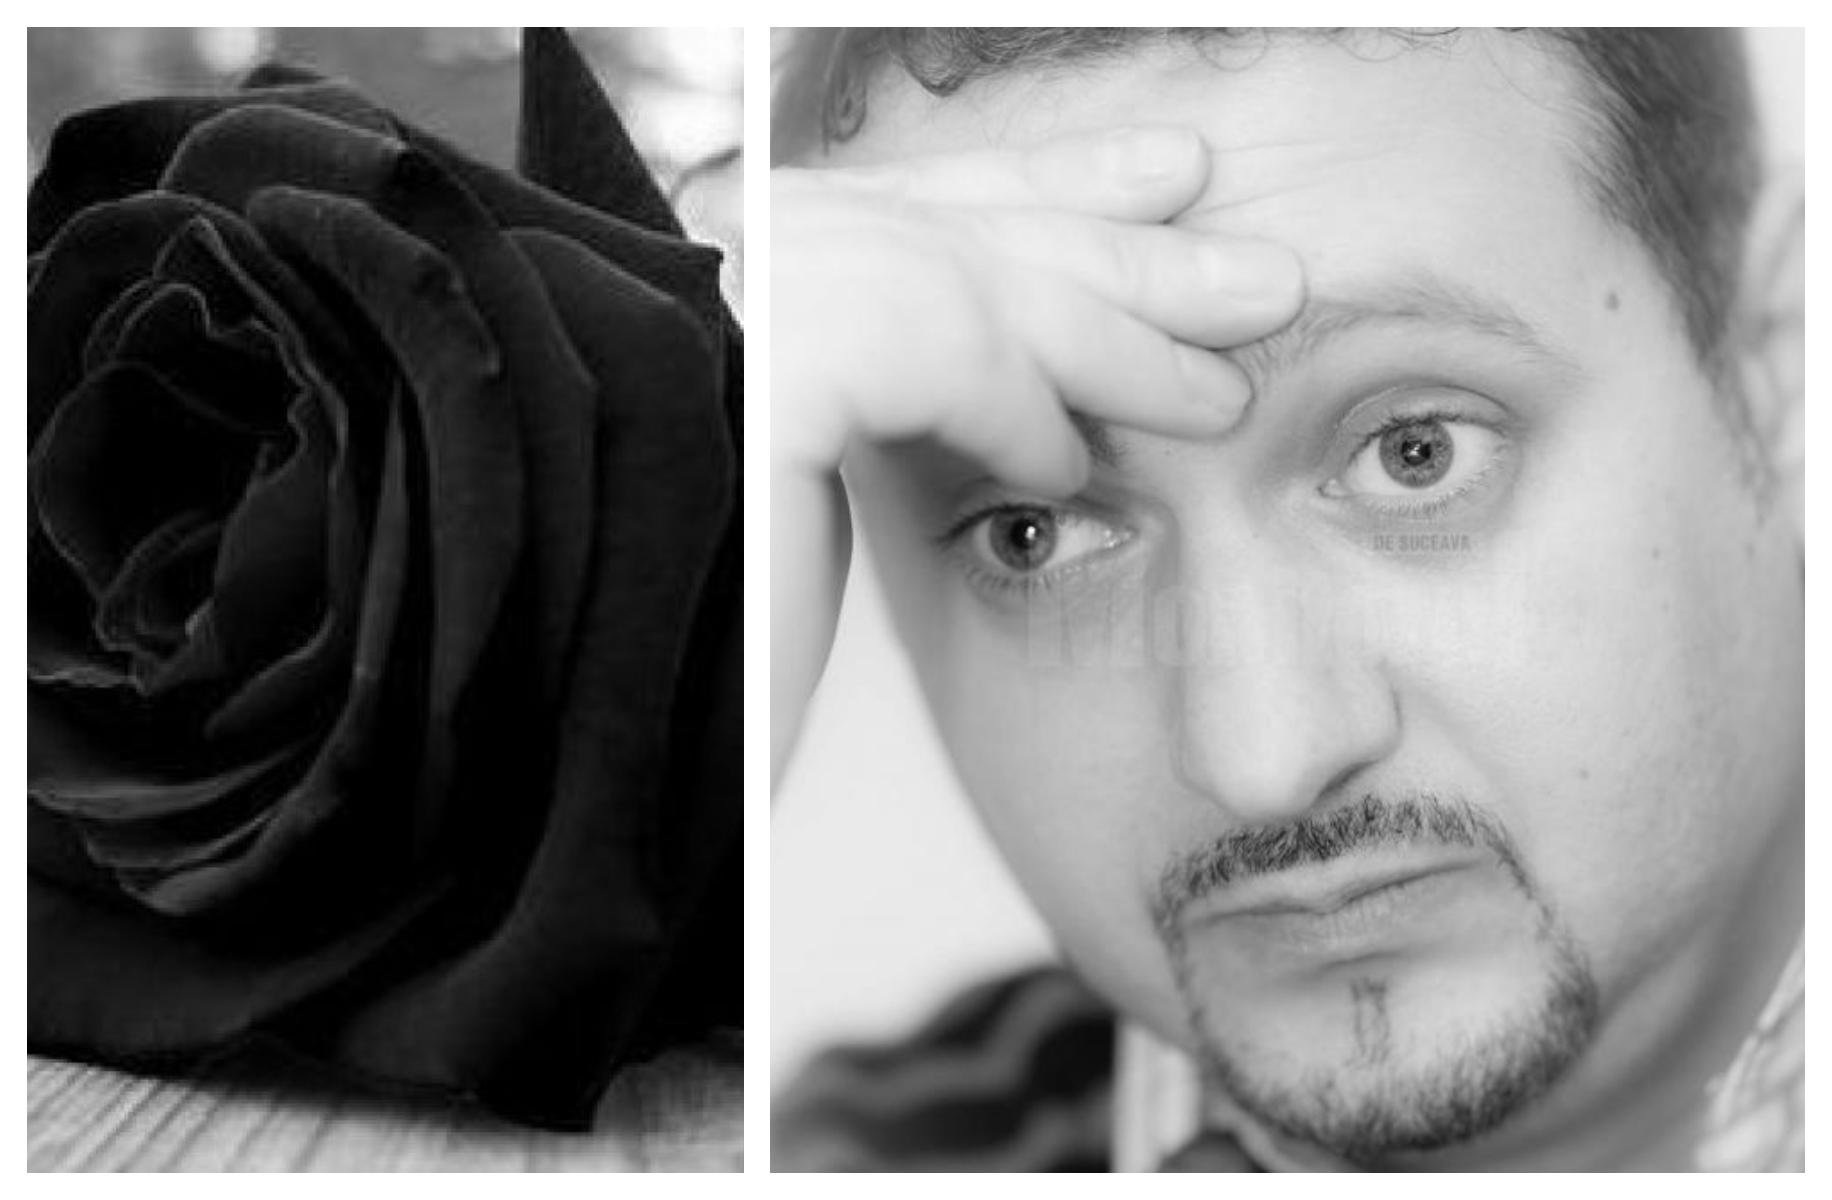 Şoc în media românească, jurnalist de 38 de ani găsit spânzurat în garaj